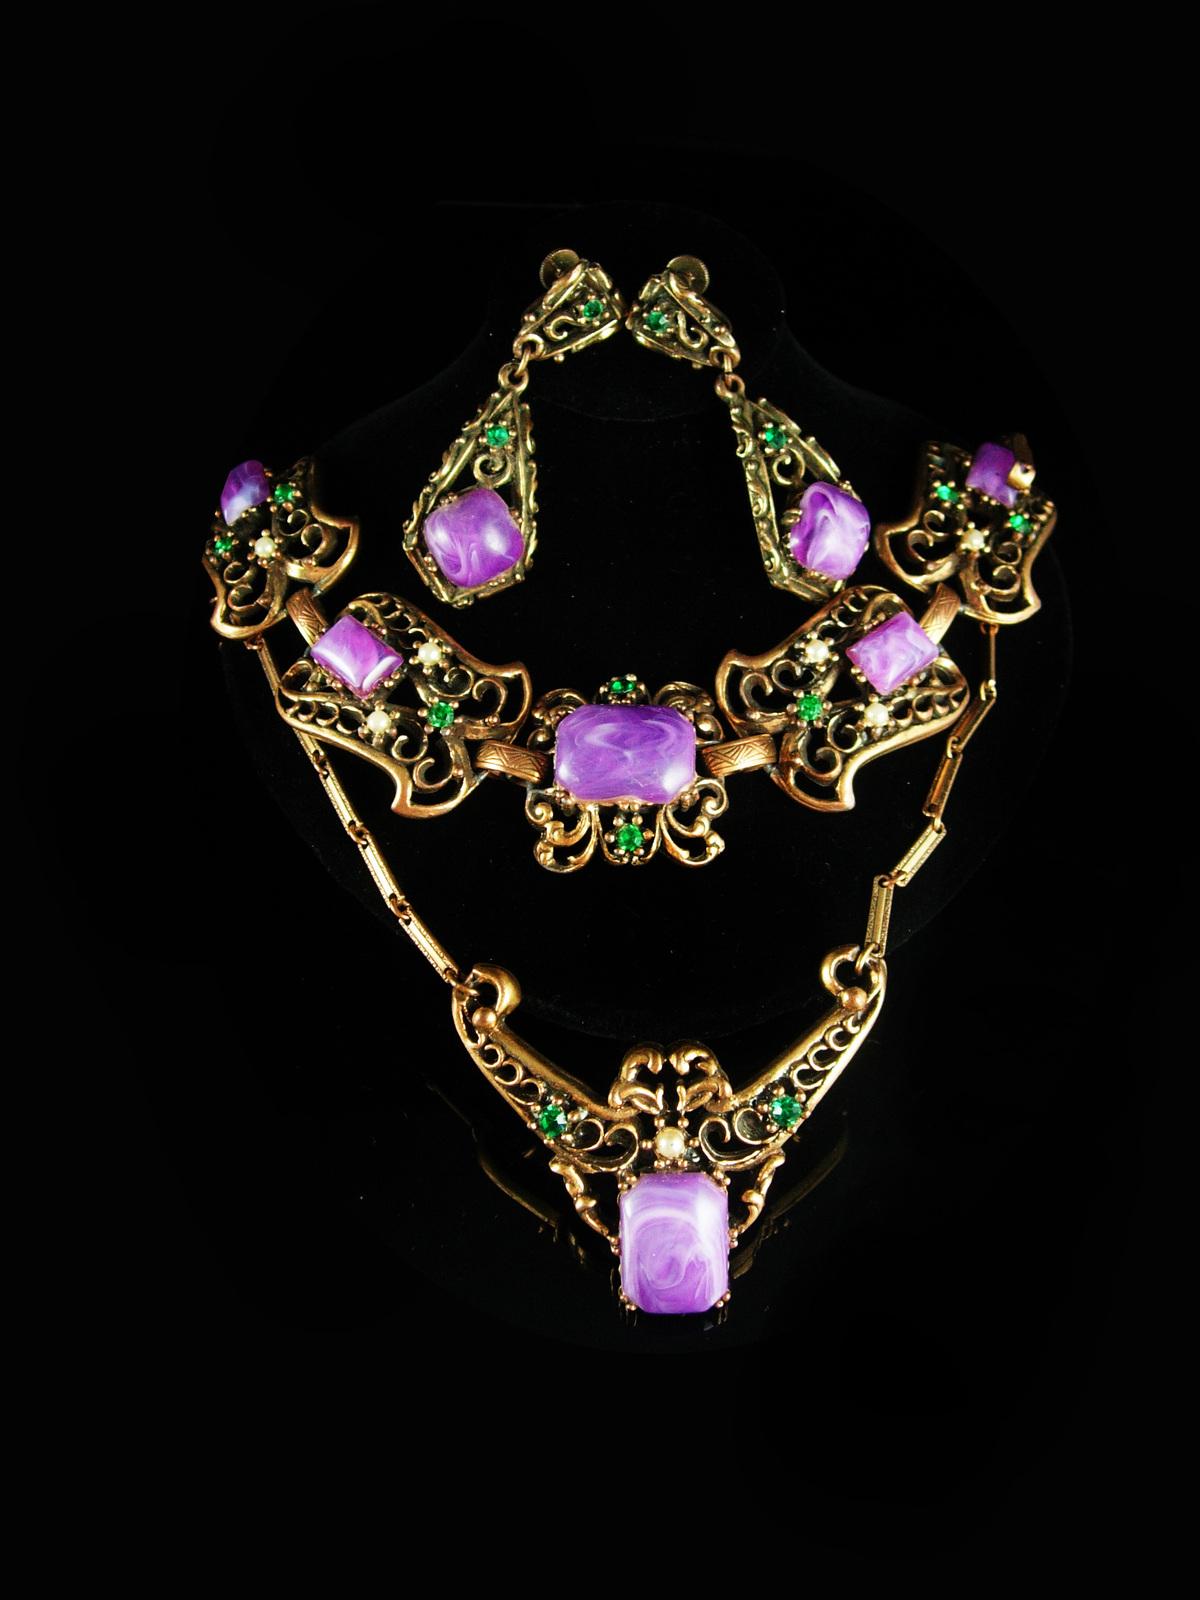 Purplesuffragetteparure